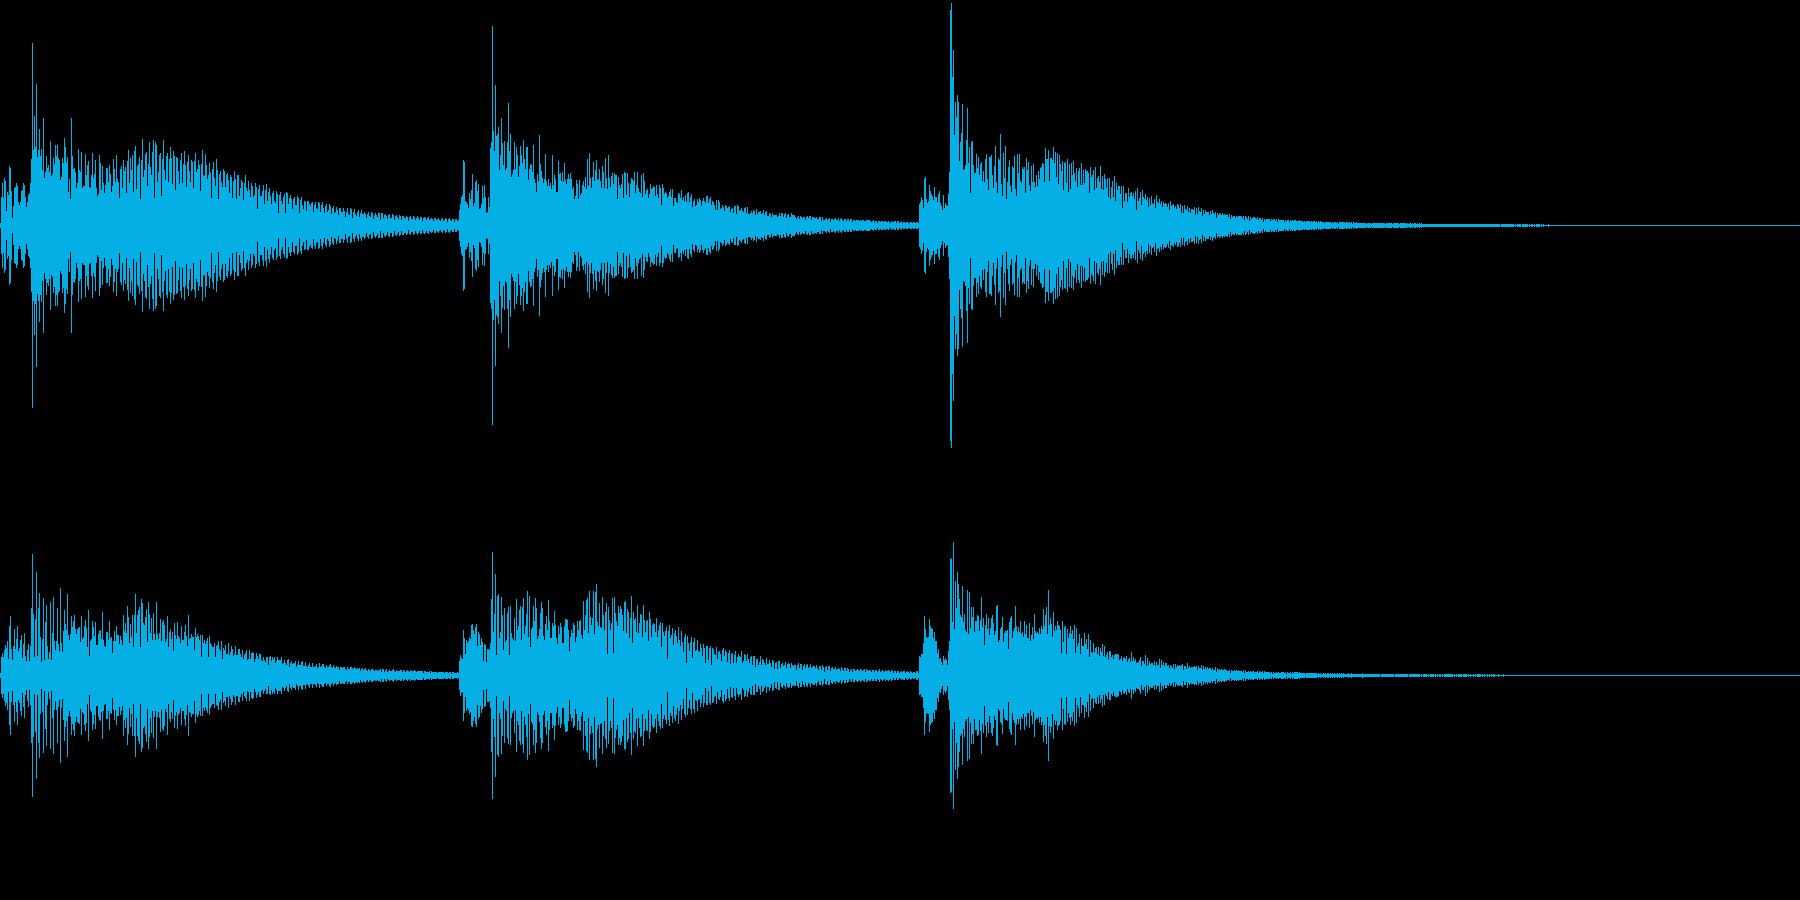 Kawaii メルヘンな受信・通知音 1の再生済みの波形